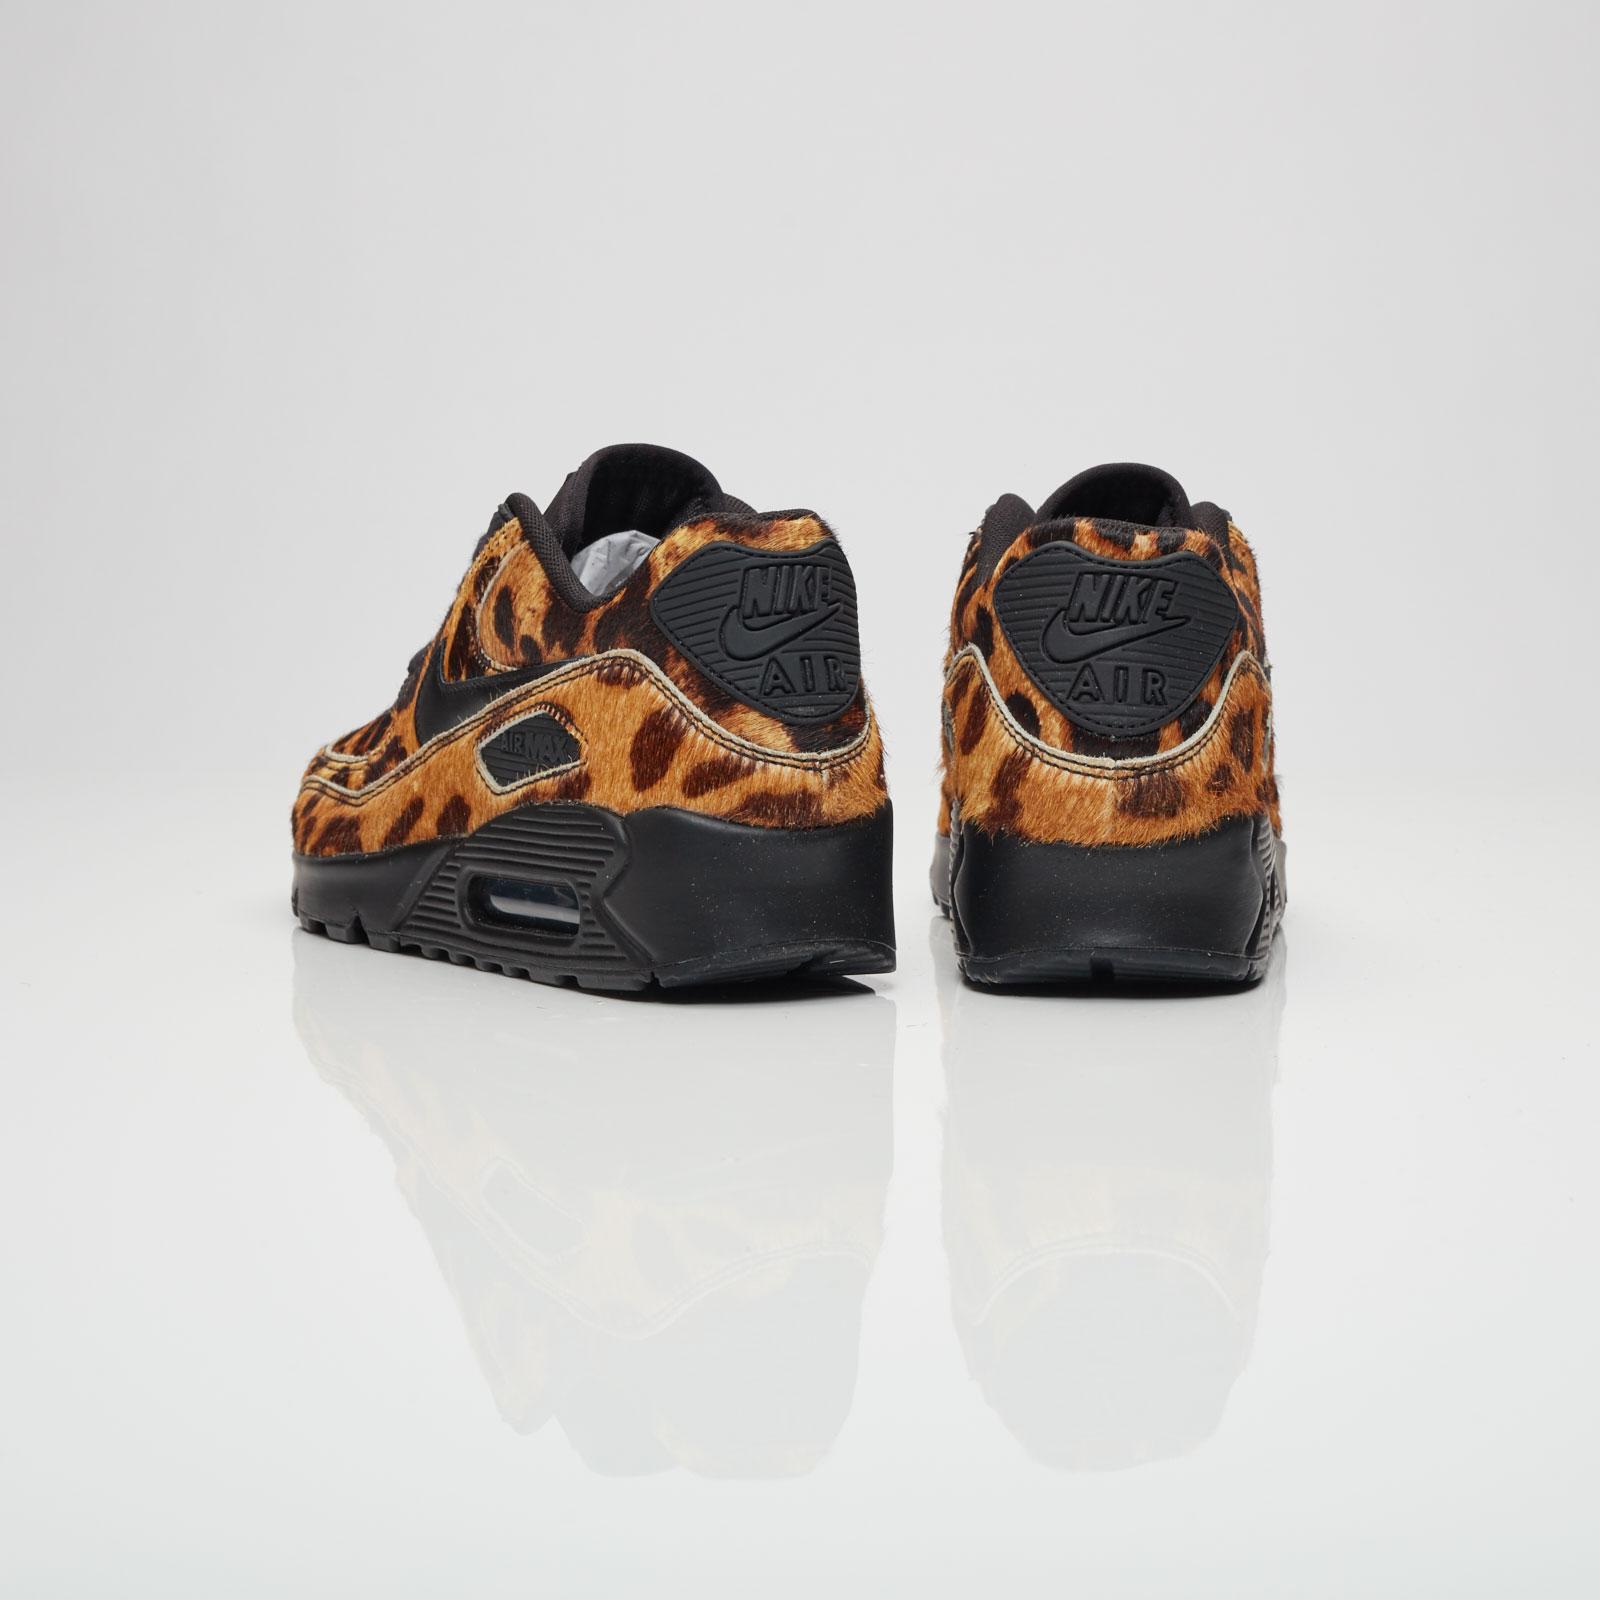 Nike Air Max 90 Cheetah 898512 002  